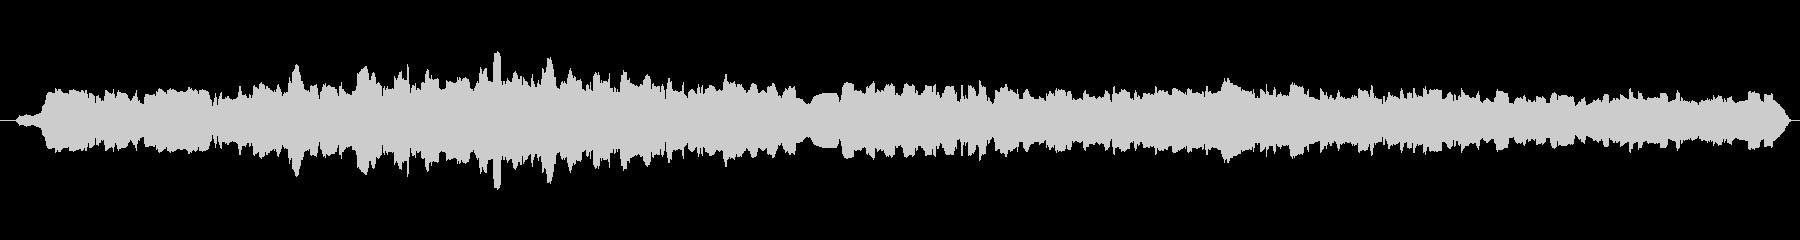 素材 オカリナランダムネスロング02の未再生の波形